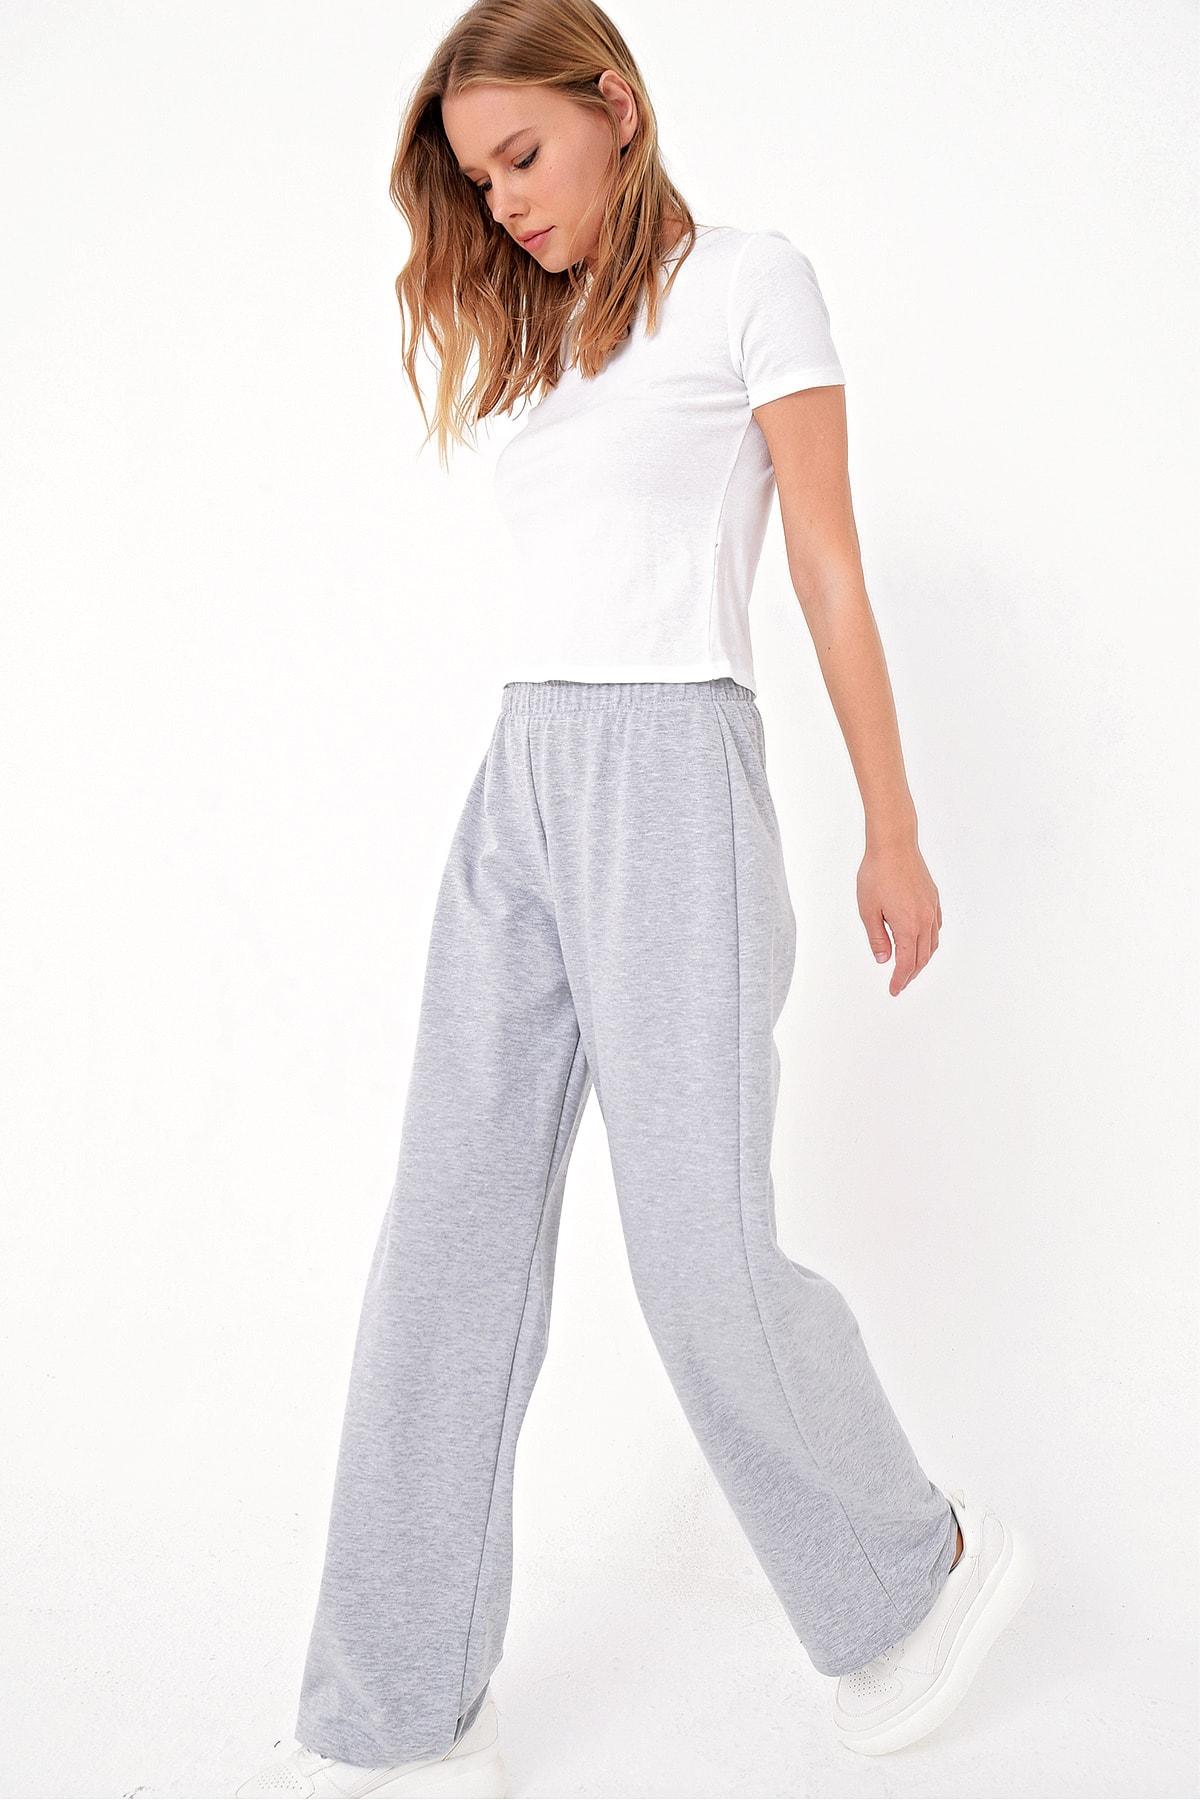 Trend Alaçatı Stili Kadın Gri Bol Paça Uzun Eşofman Altı ALC-X5046 1